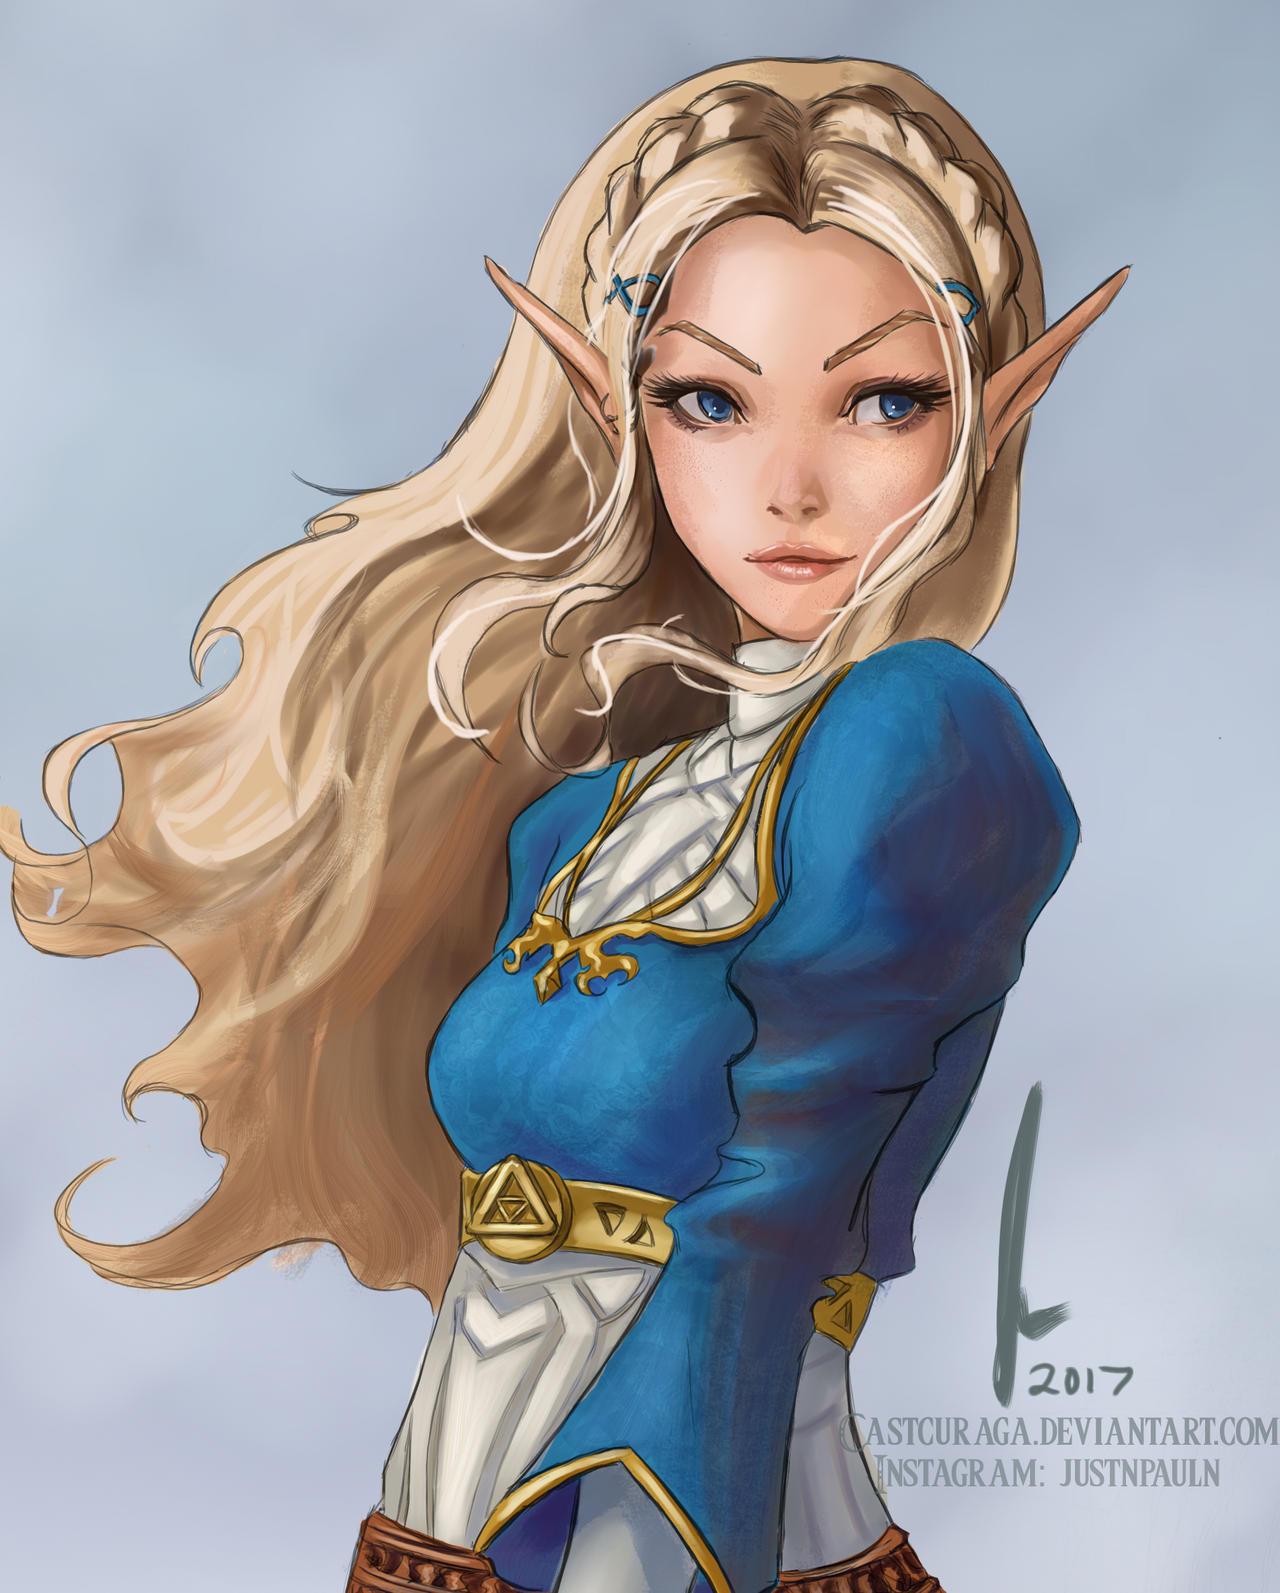 Zelda - Legend of Zelda : Breath of the Wild